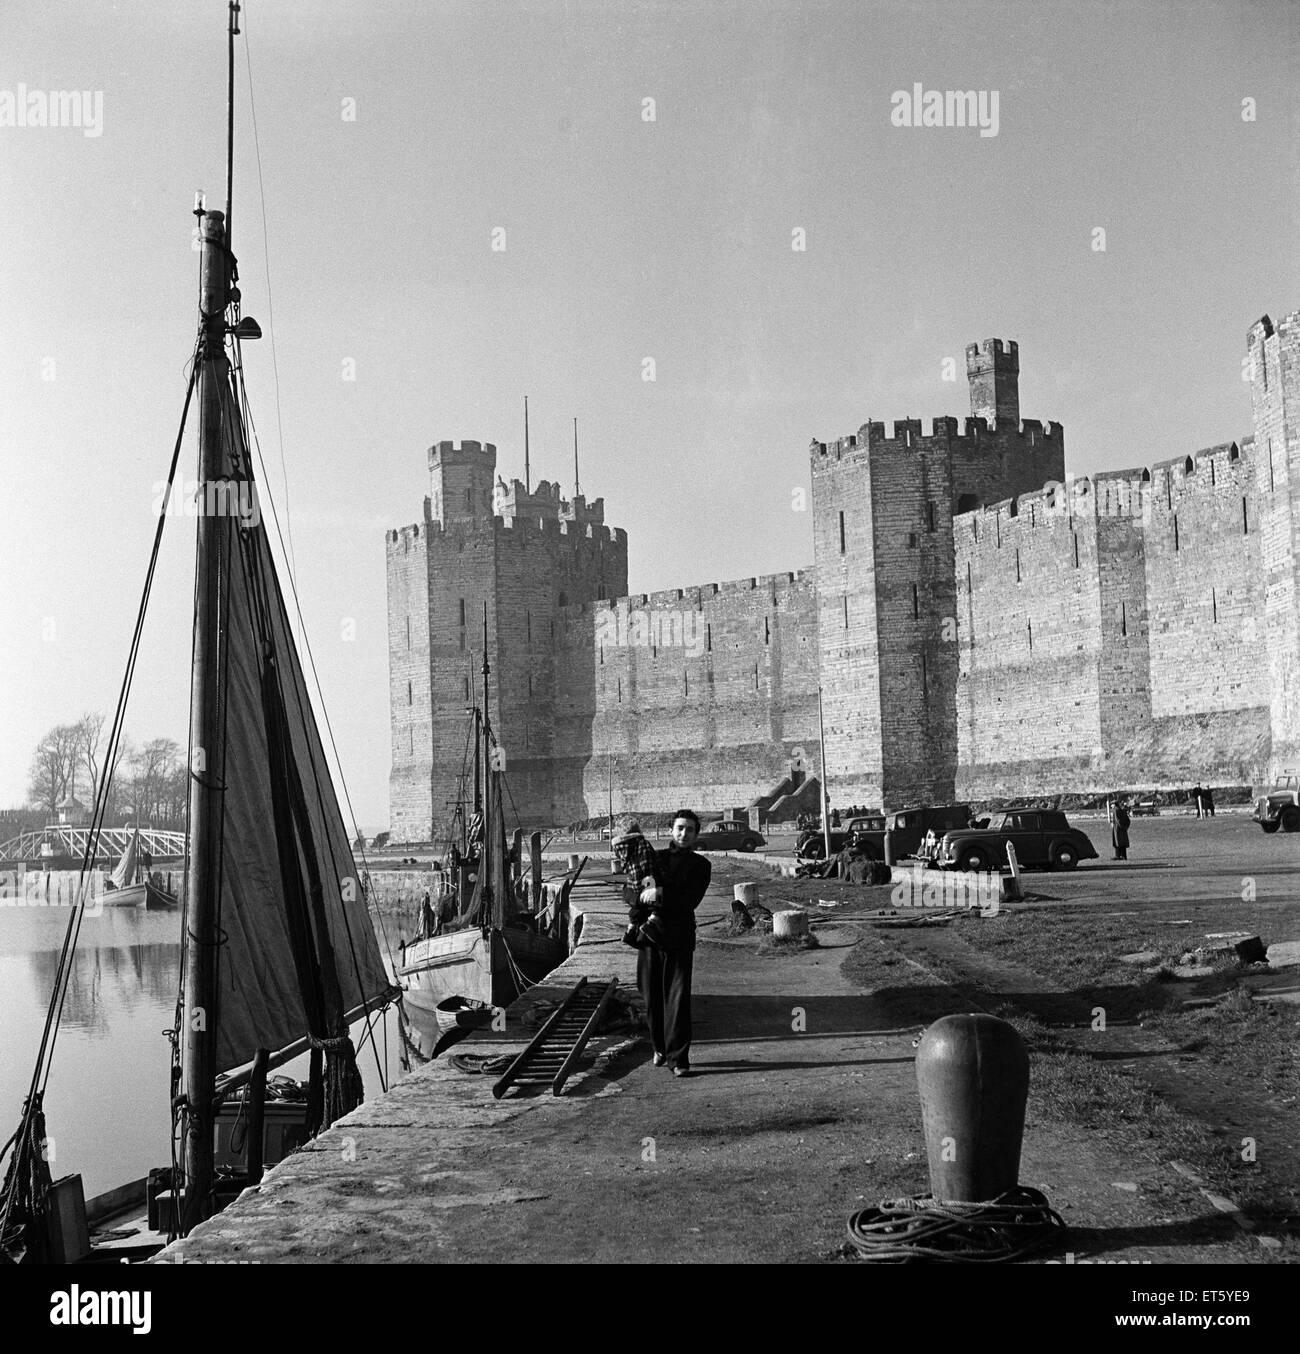 A man walking past Caernarfon Castle, Gwynedd. Circa 1952. - Stock Image